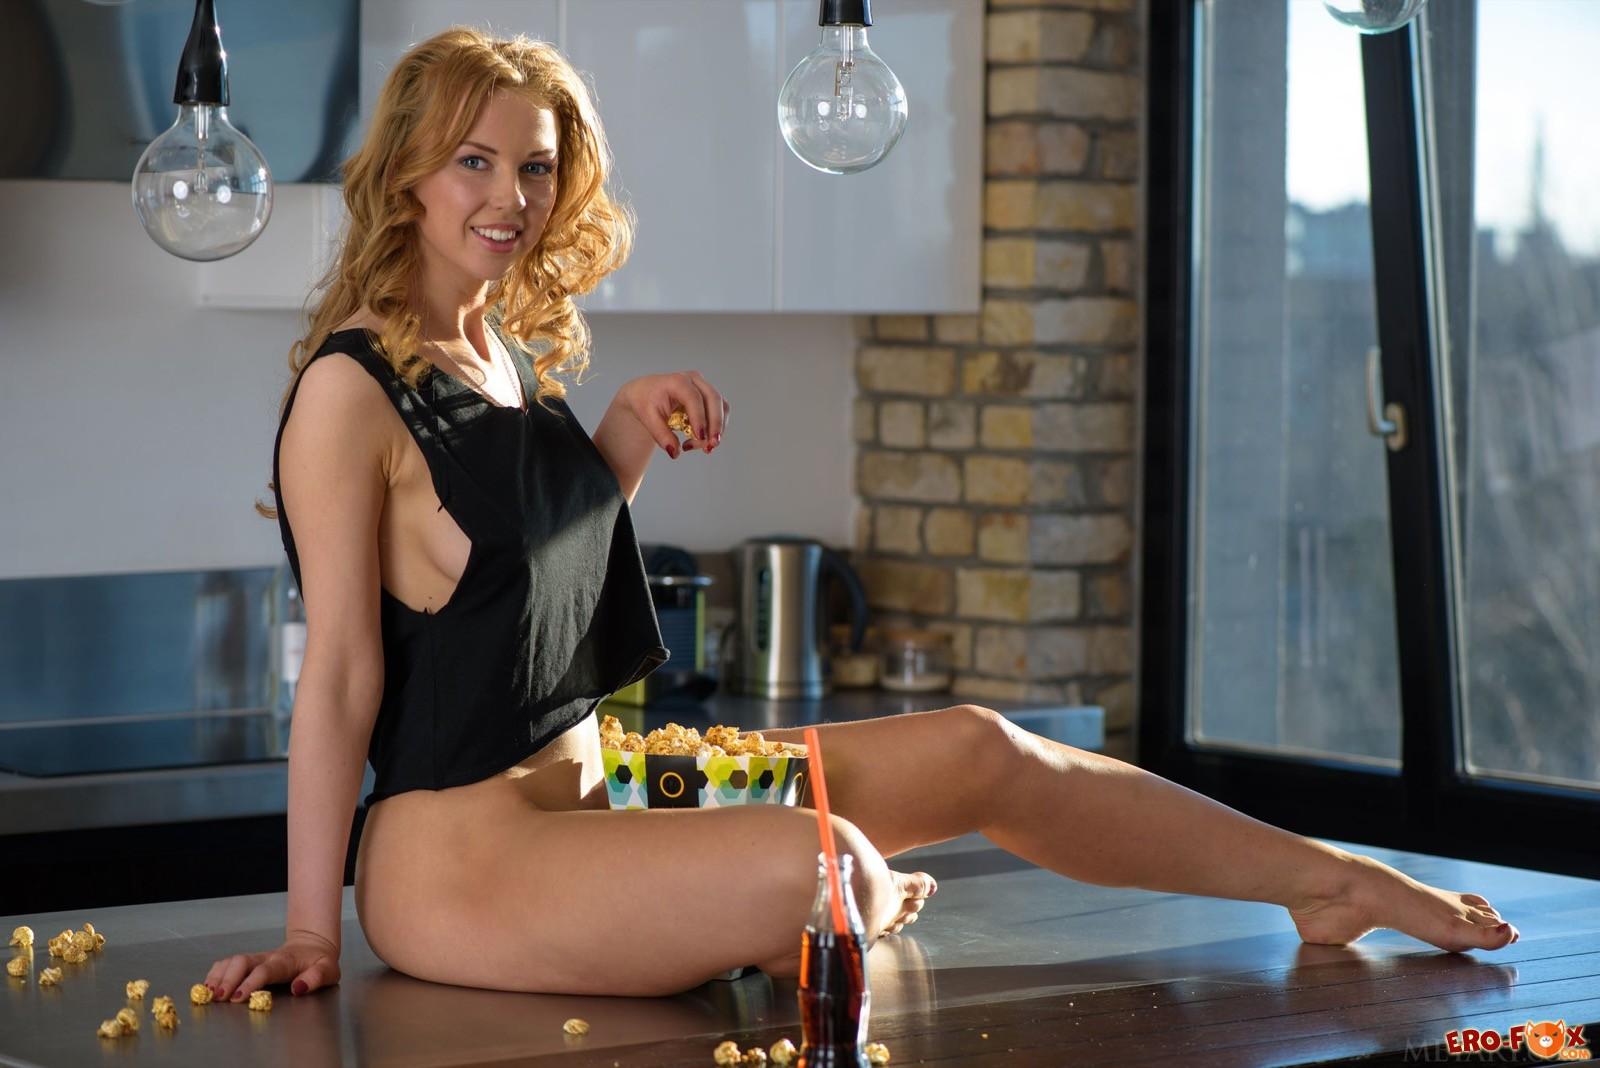 Кудрявая домохозяйка развлекается голой на столе